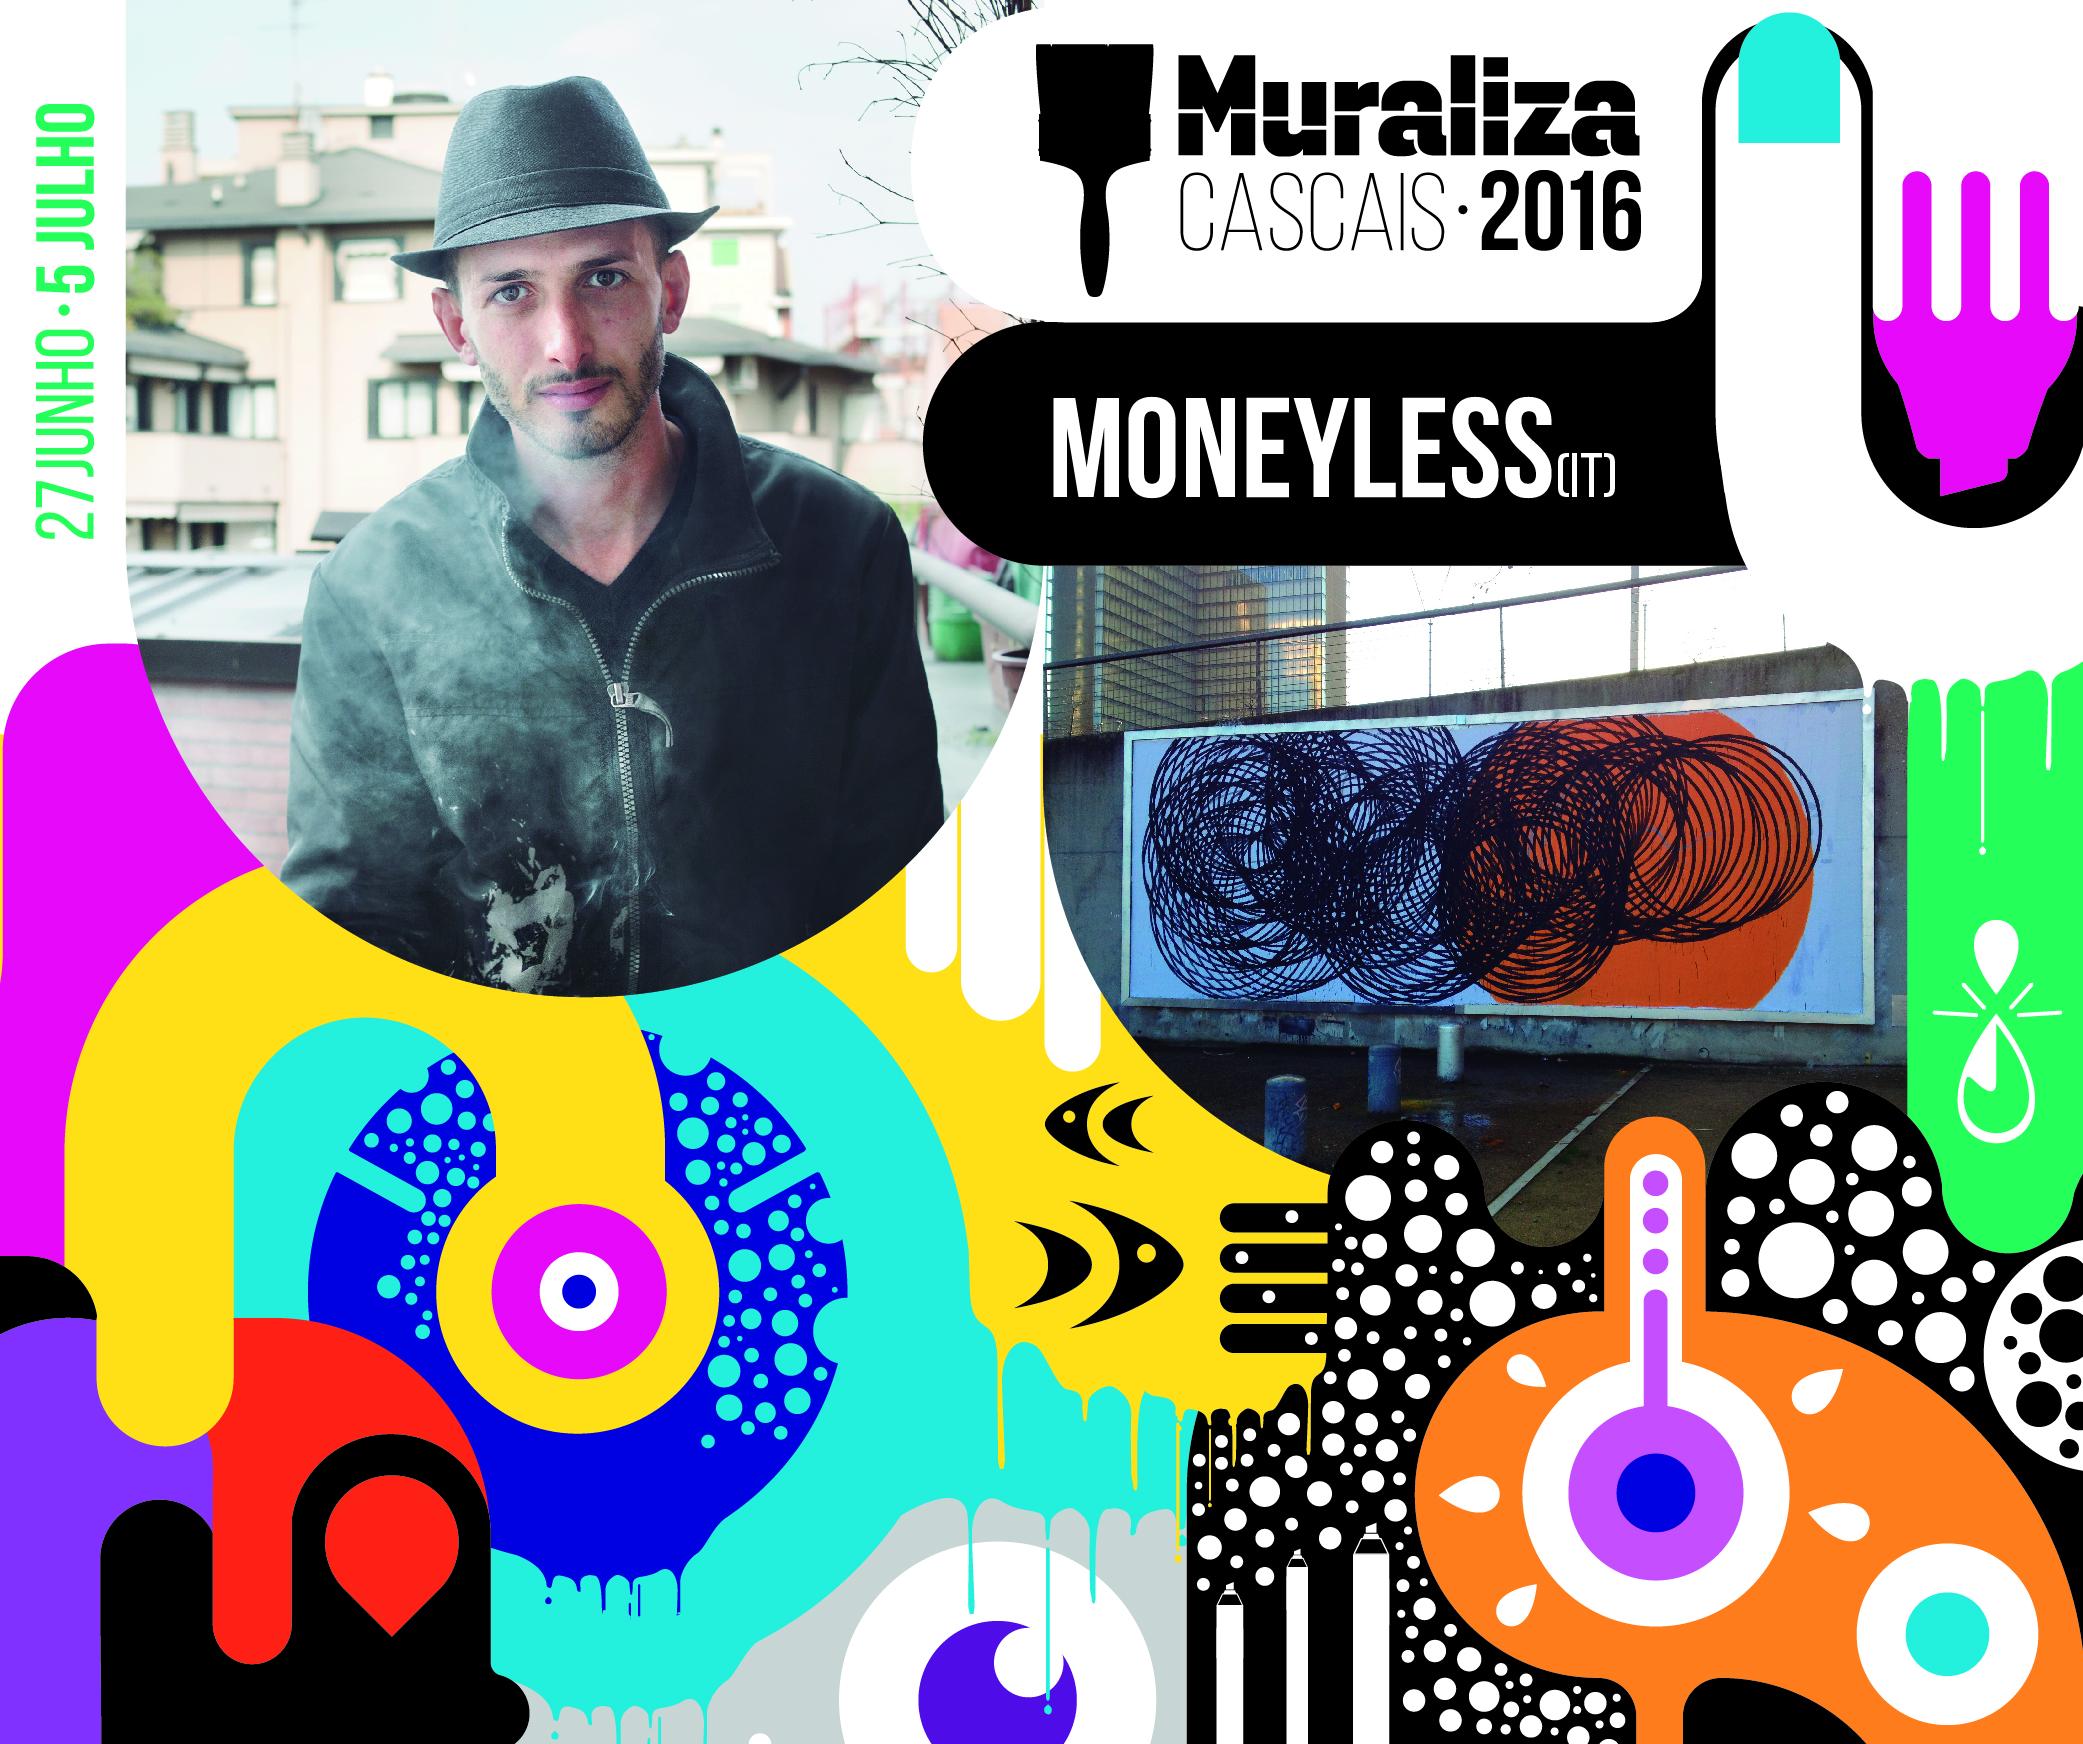 MURALIZA 2016 - 05 _ Moneyless